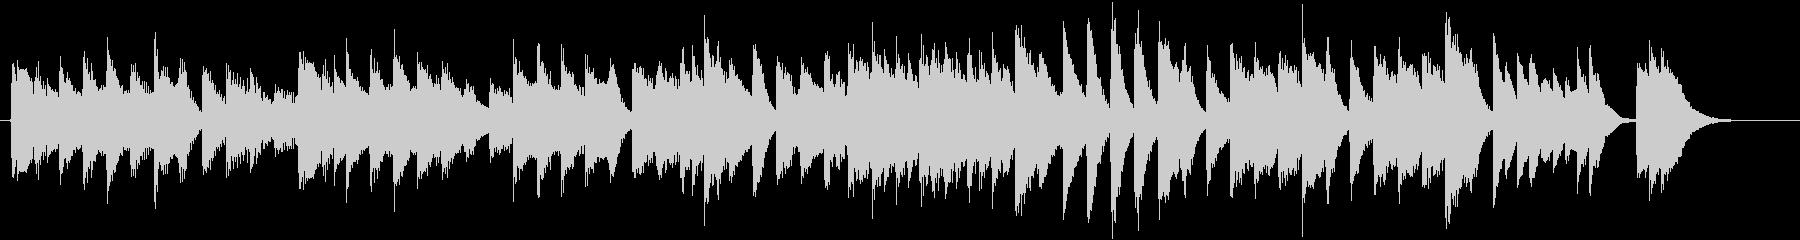 楽しい冬を描いたワルツ調のピアノジングルの未再生の波形